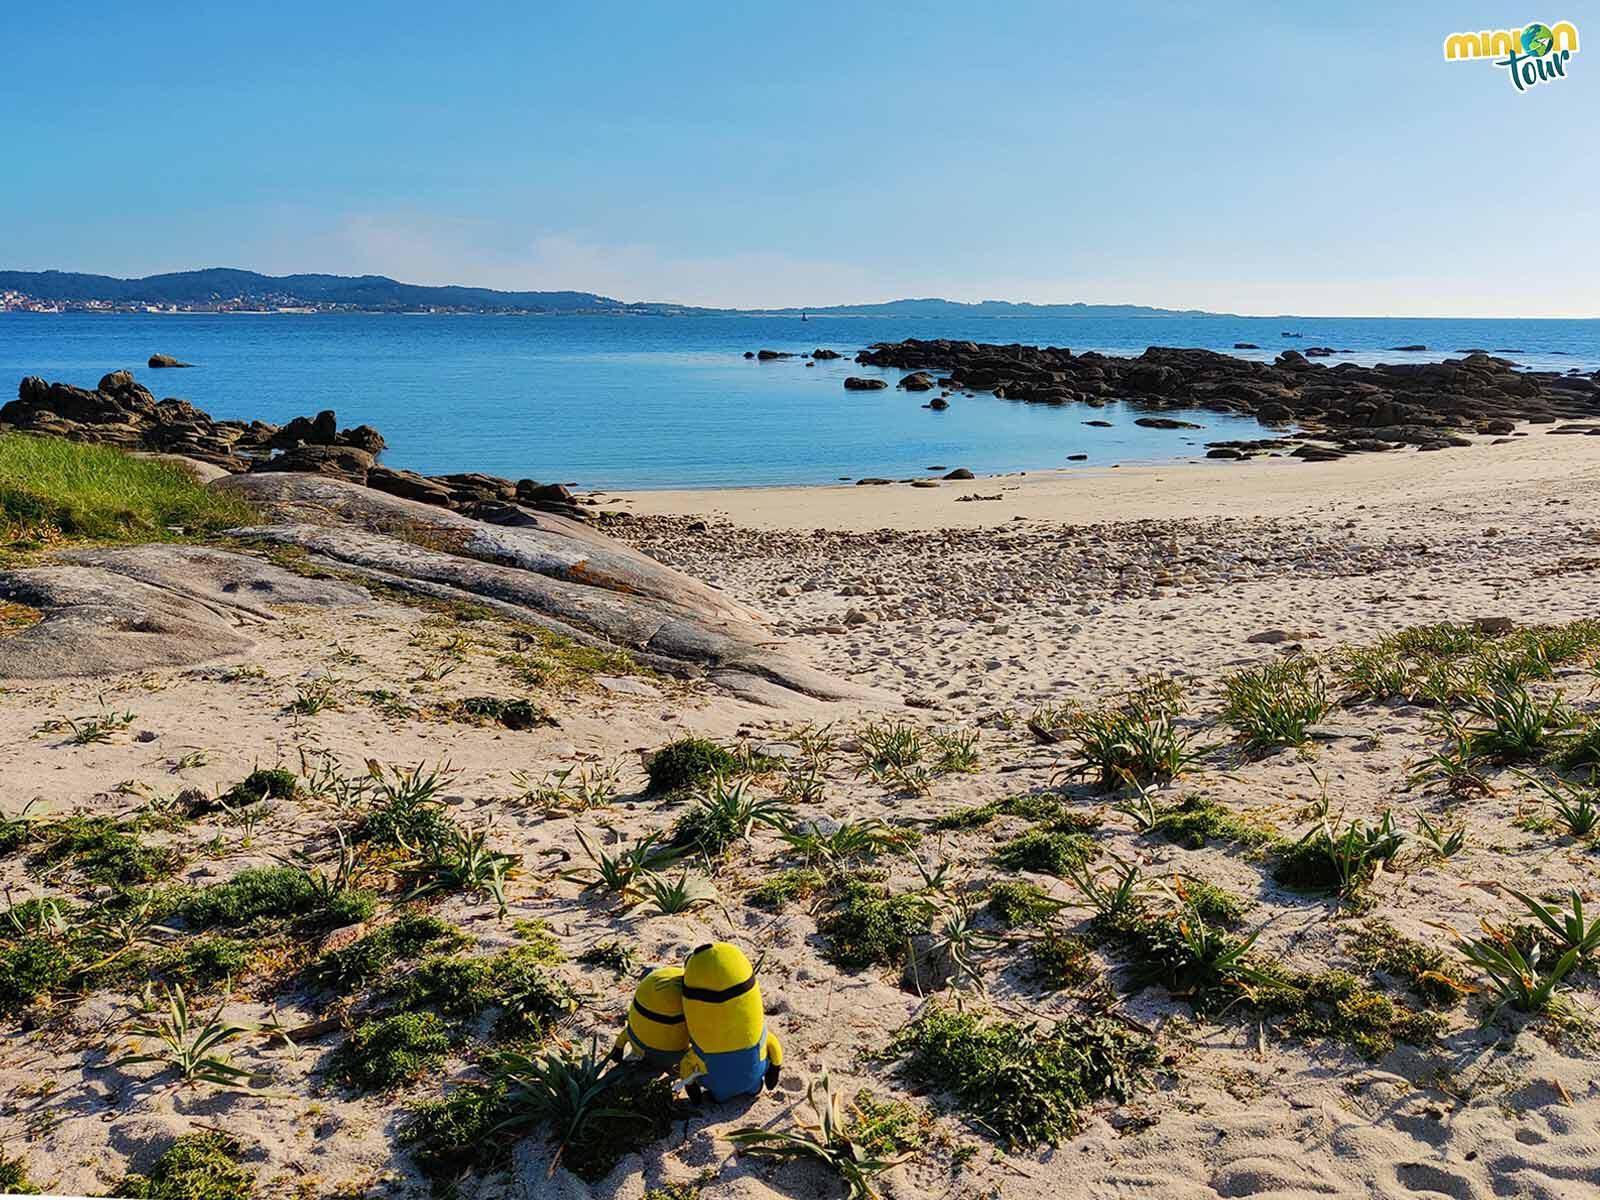 Las playas vírgenes del Parque Natural de O Carreirón nos fascinan